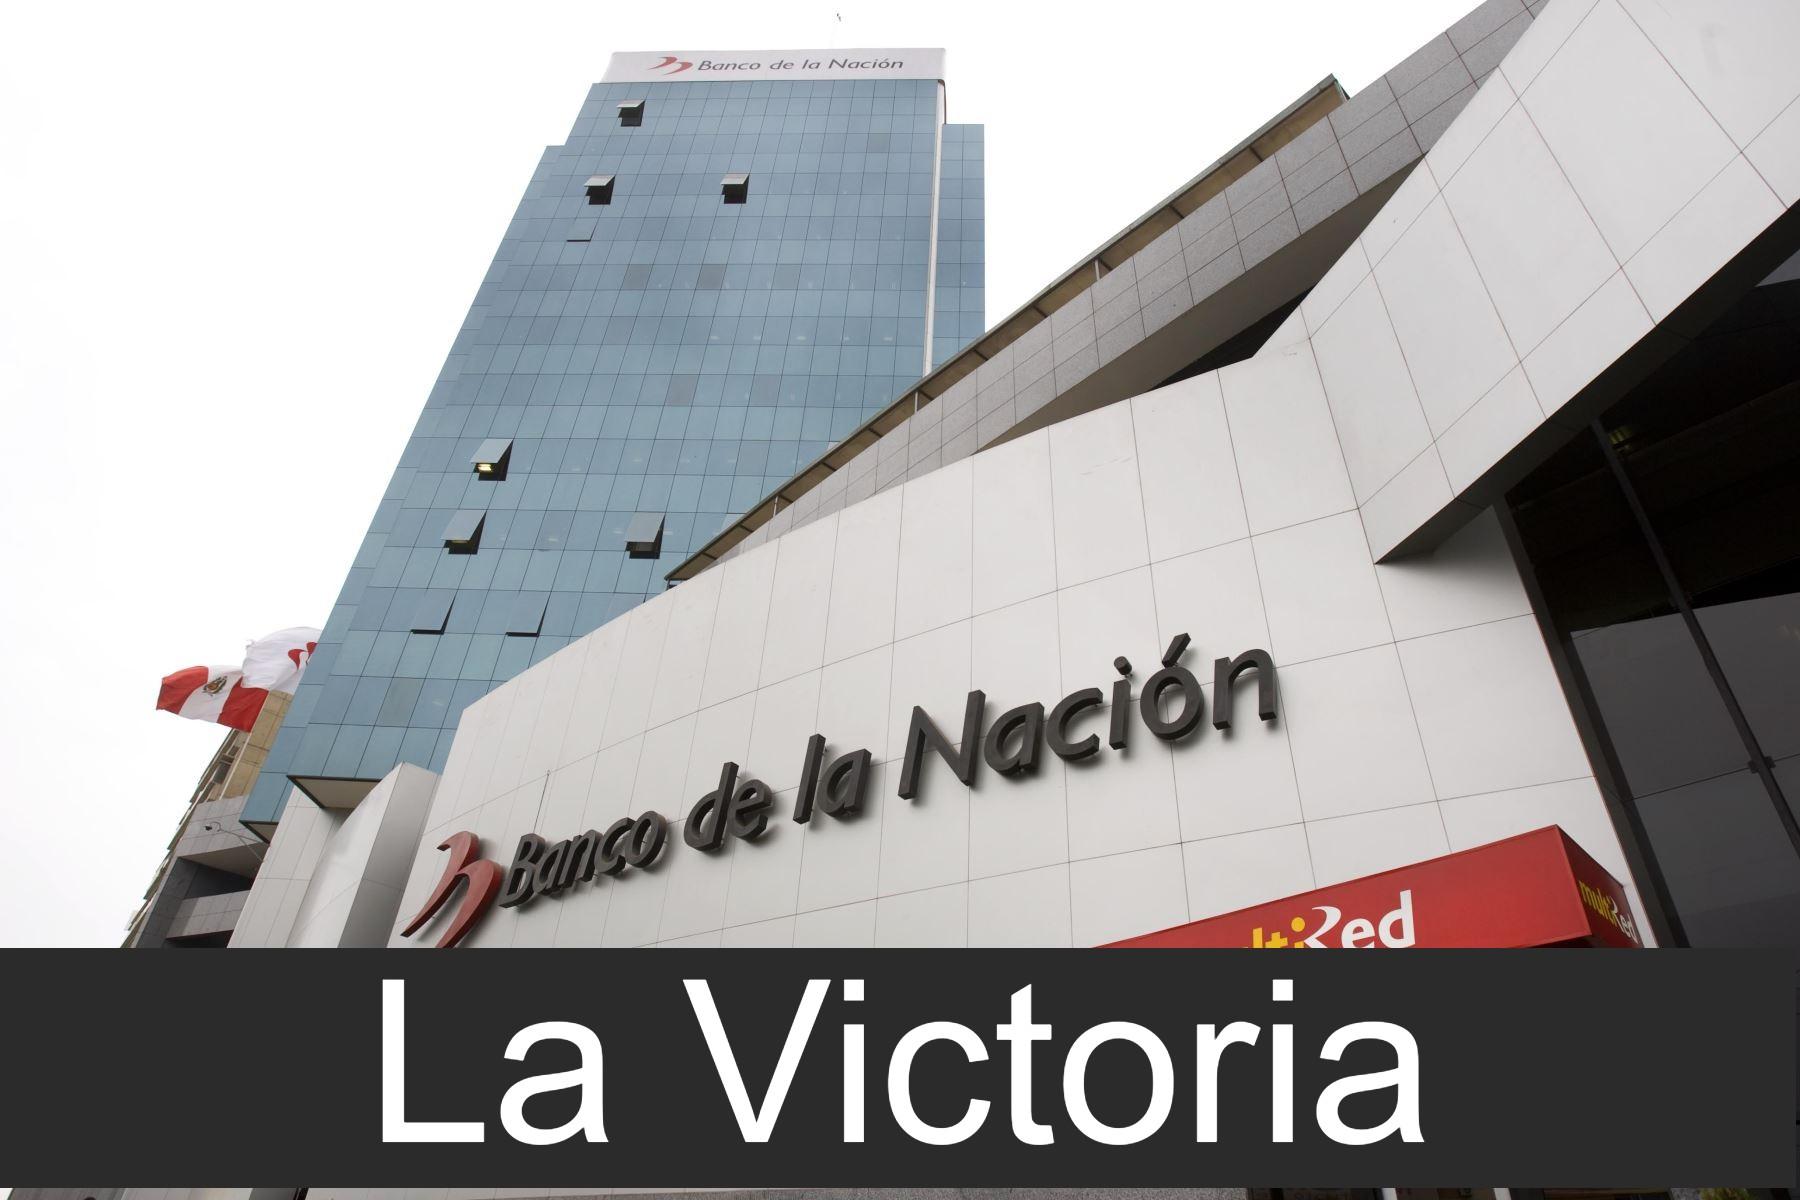 banco de la nacion en La Victoria